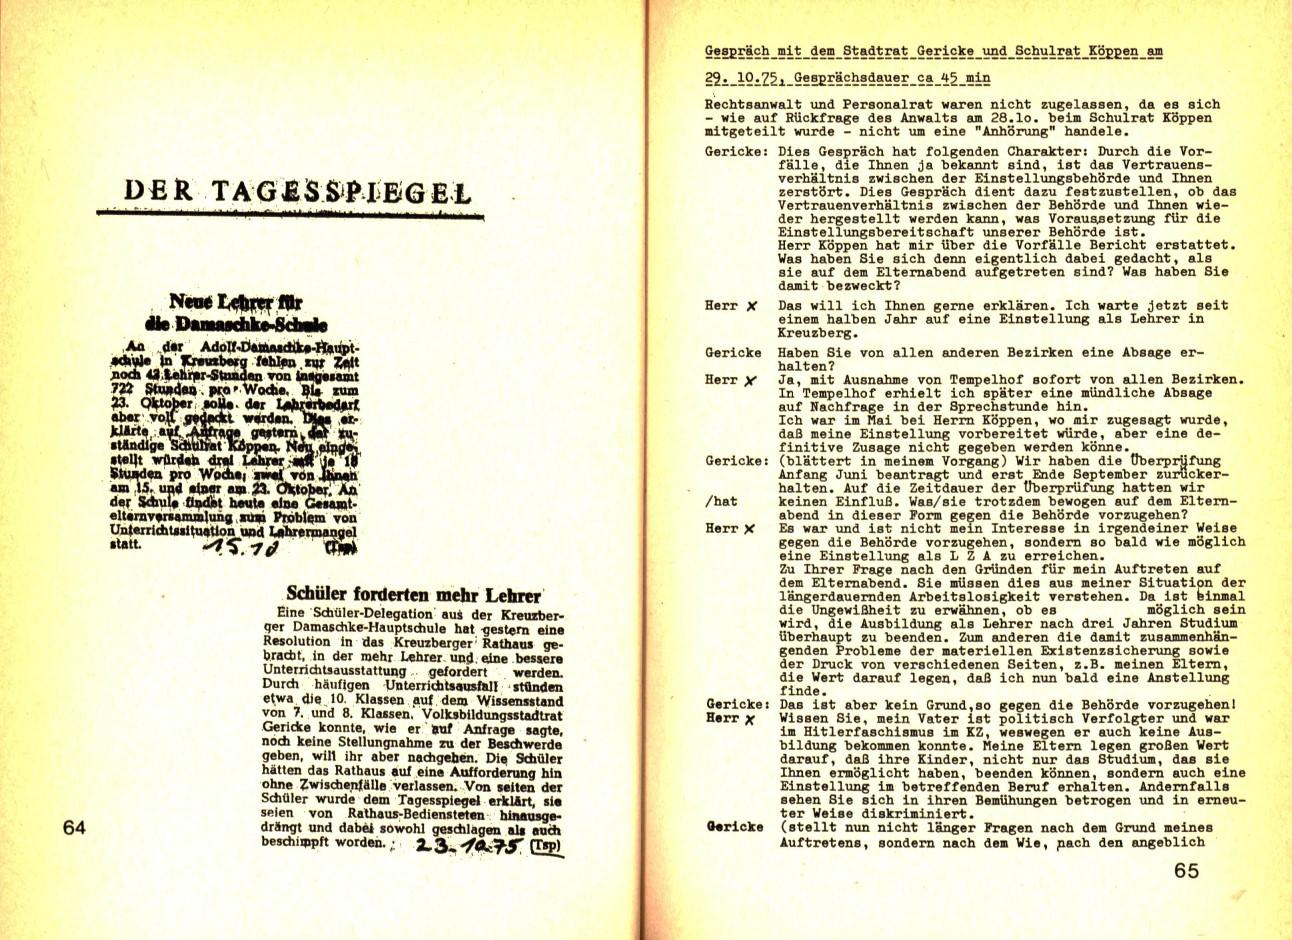 Berlin_VDS_Aktionskomitee_1976_BerufsverboteIII_34